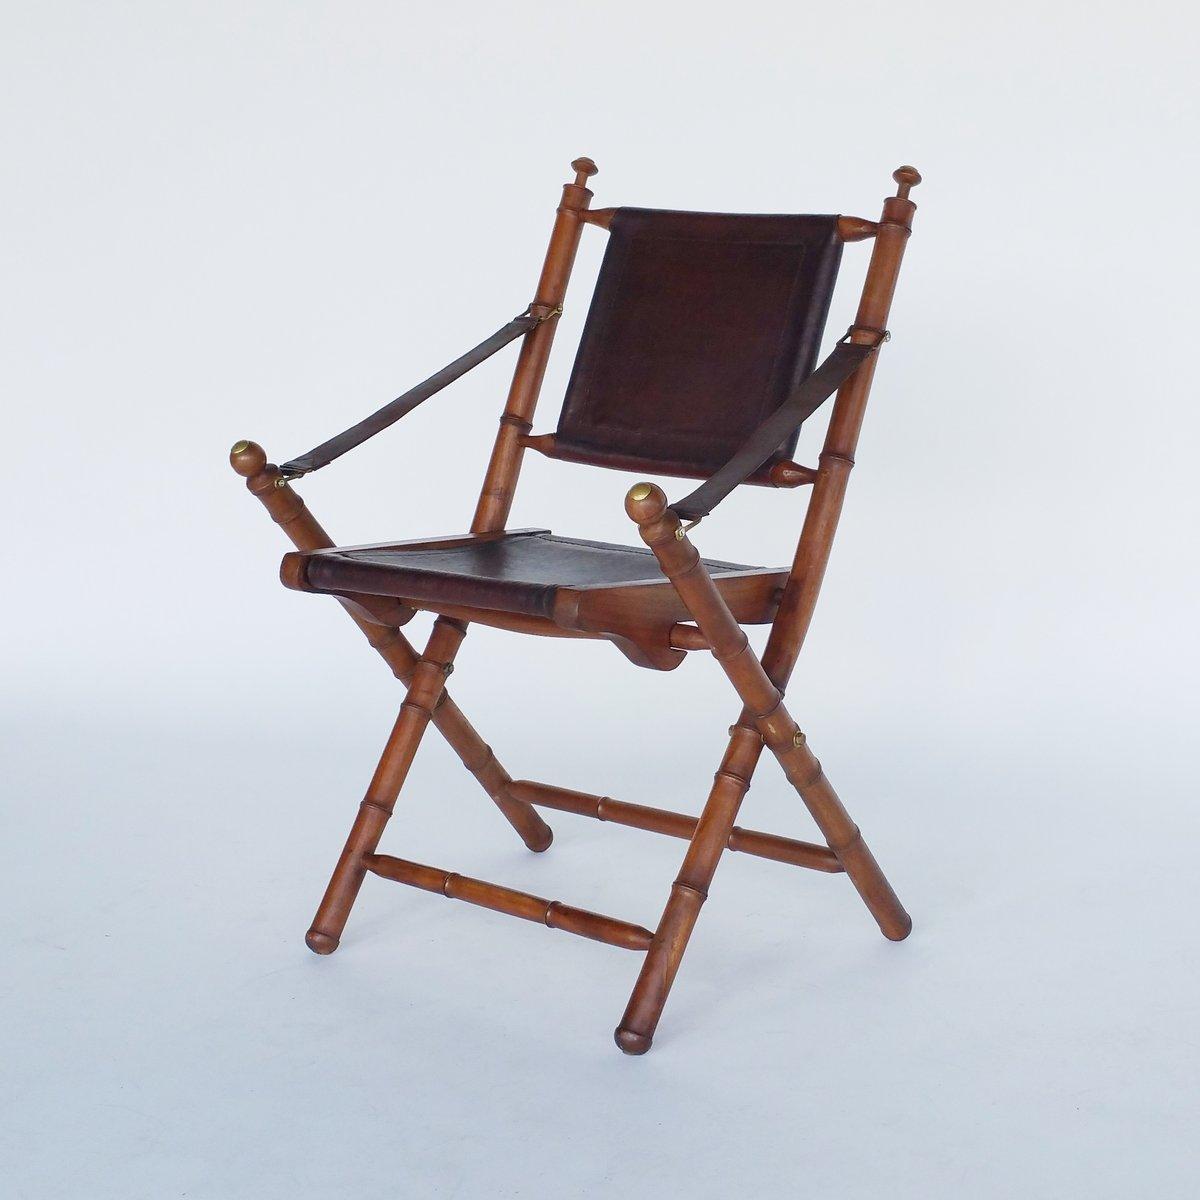 Chaise pliable vintage en cuir et teck en vente sur pamono for Chaise pliable design